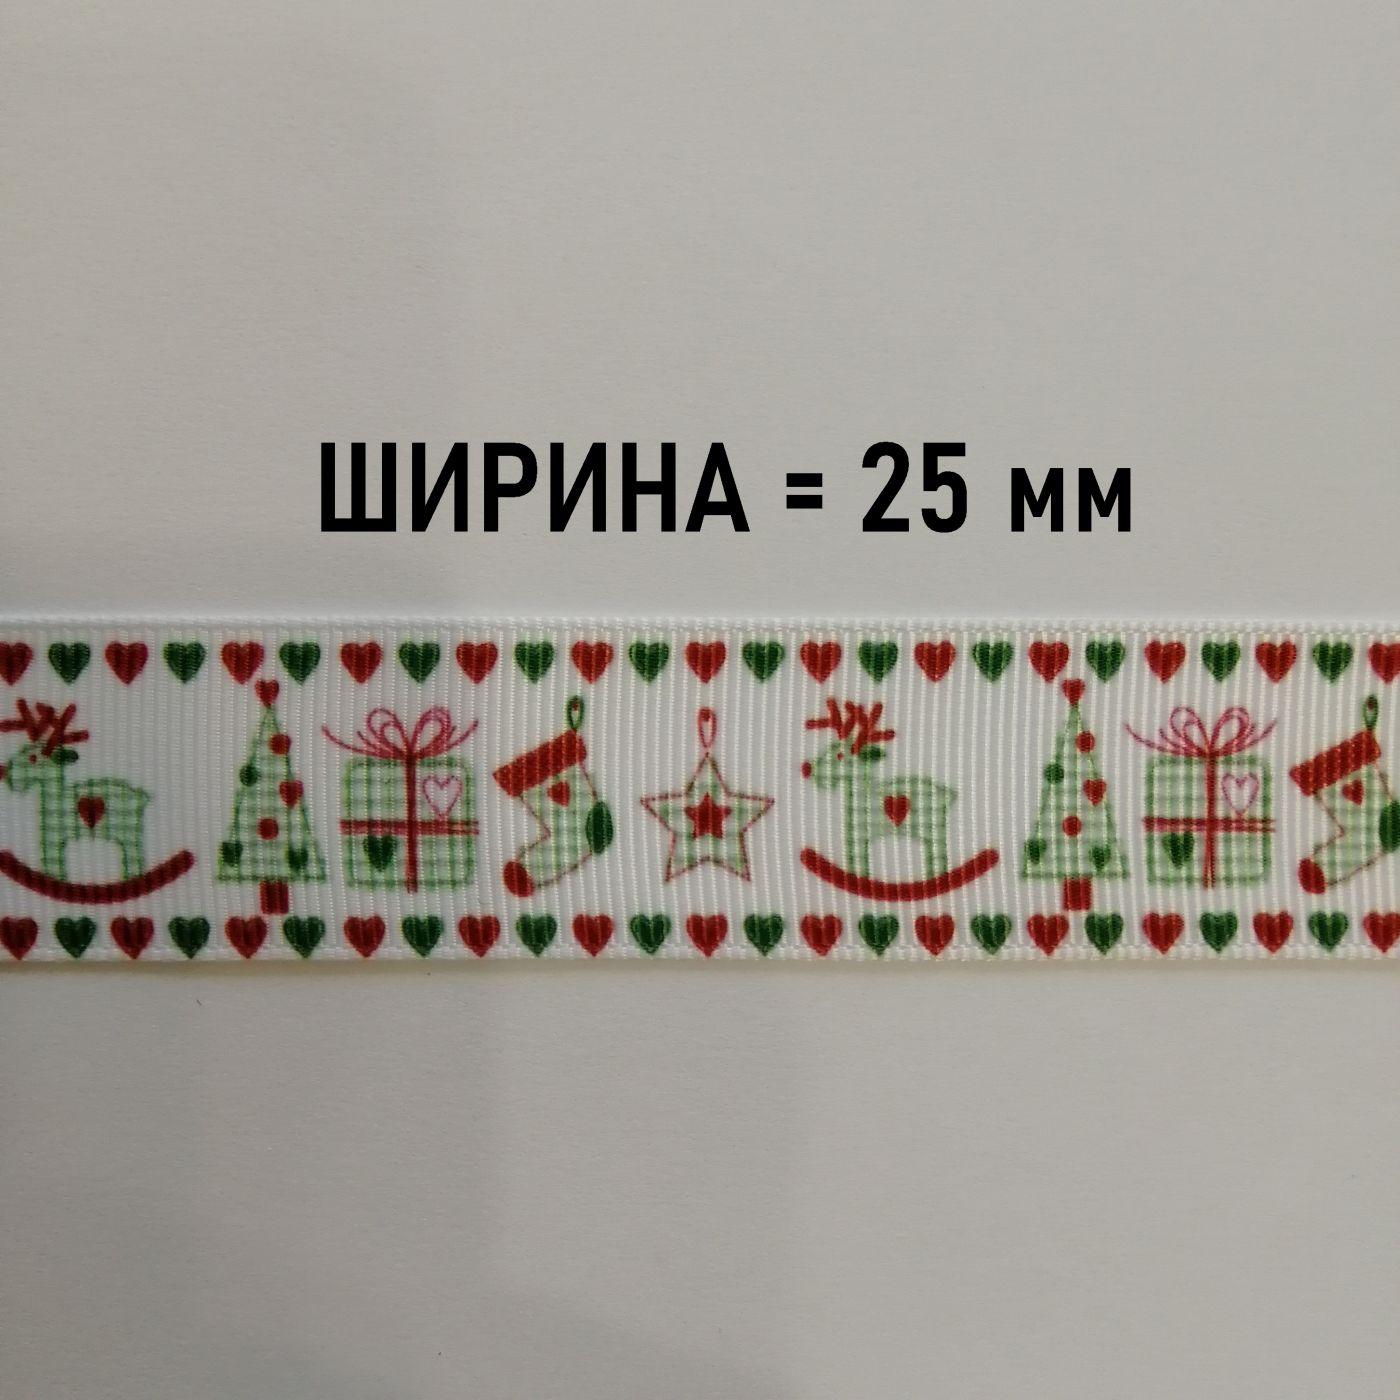 """Лента крипсовая """"Новогодняя"""" цвет: бело-зеленый - 25 мм"""